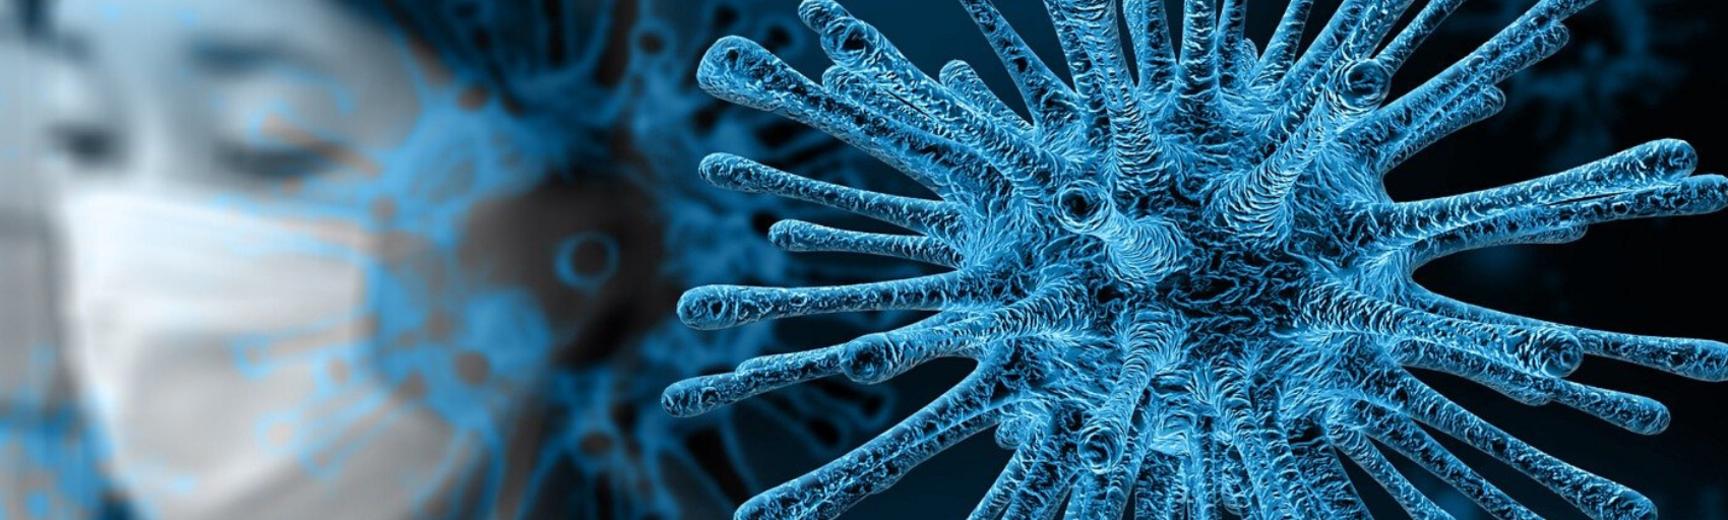 coronavirus site header 1700x780